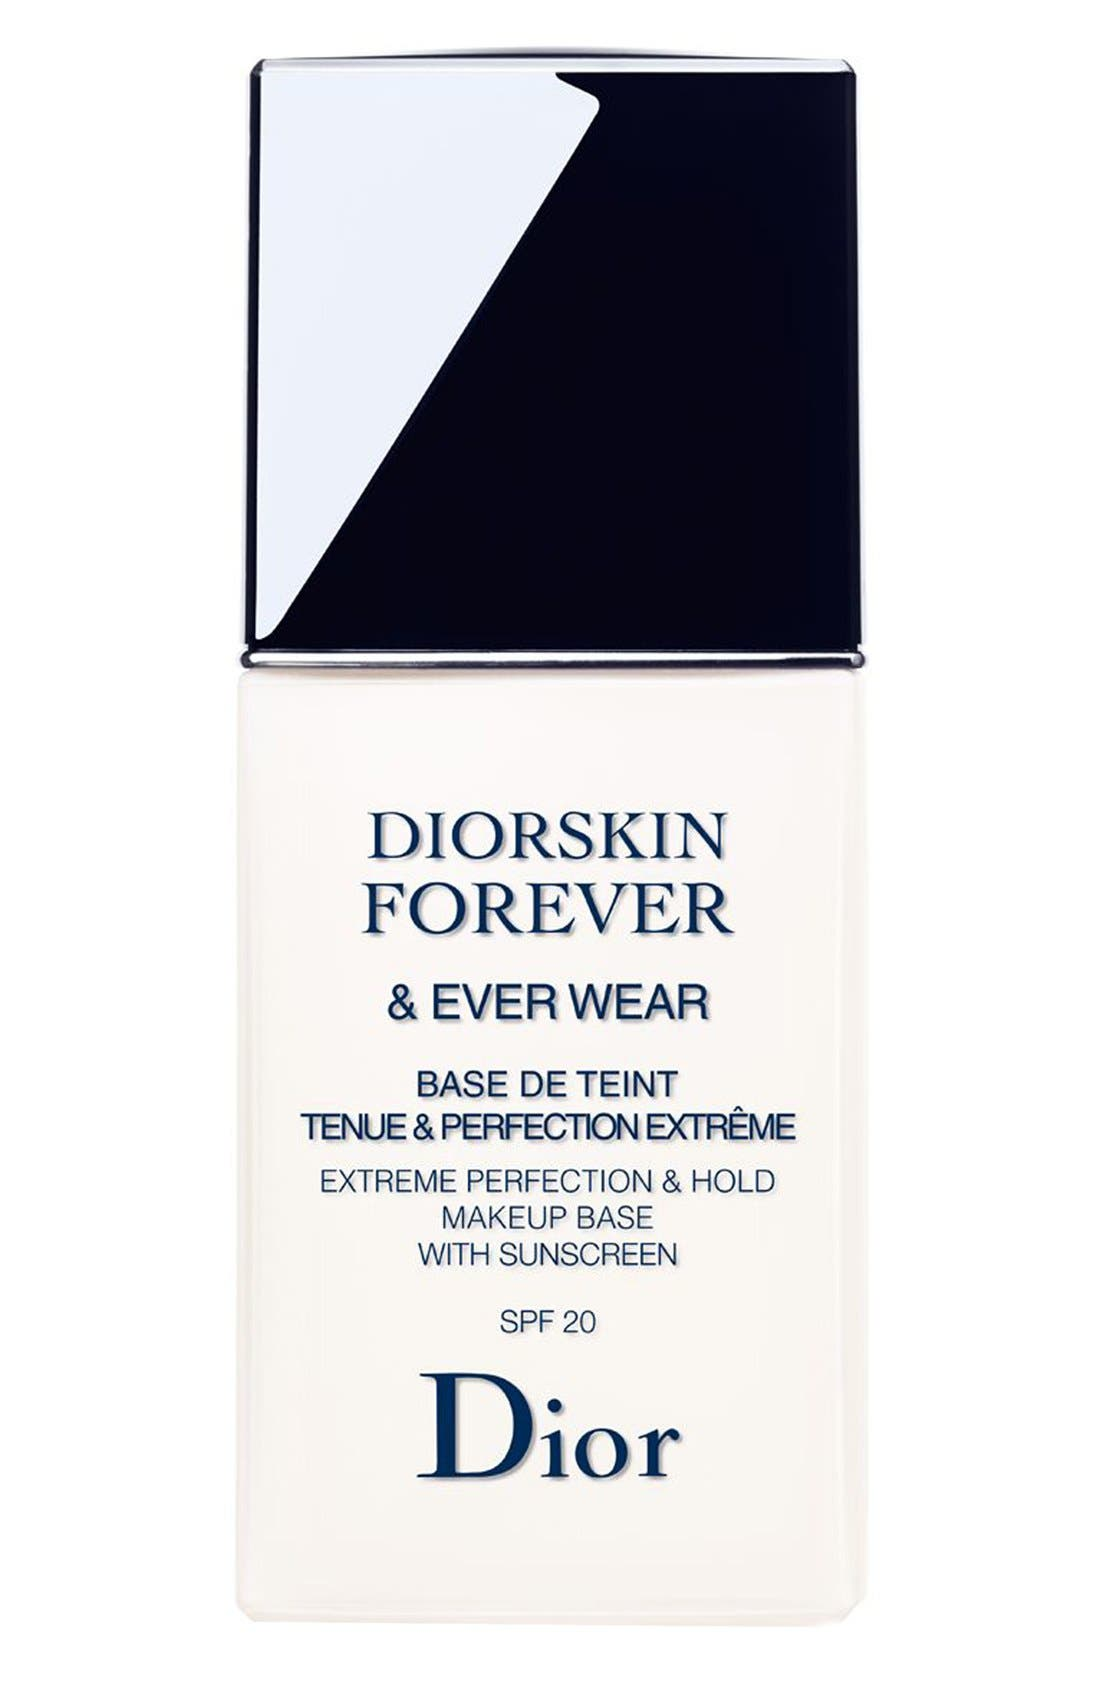 Dior Diorskin Forever & Ever Wear Makeup Primer Spf 20 -